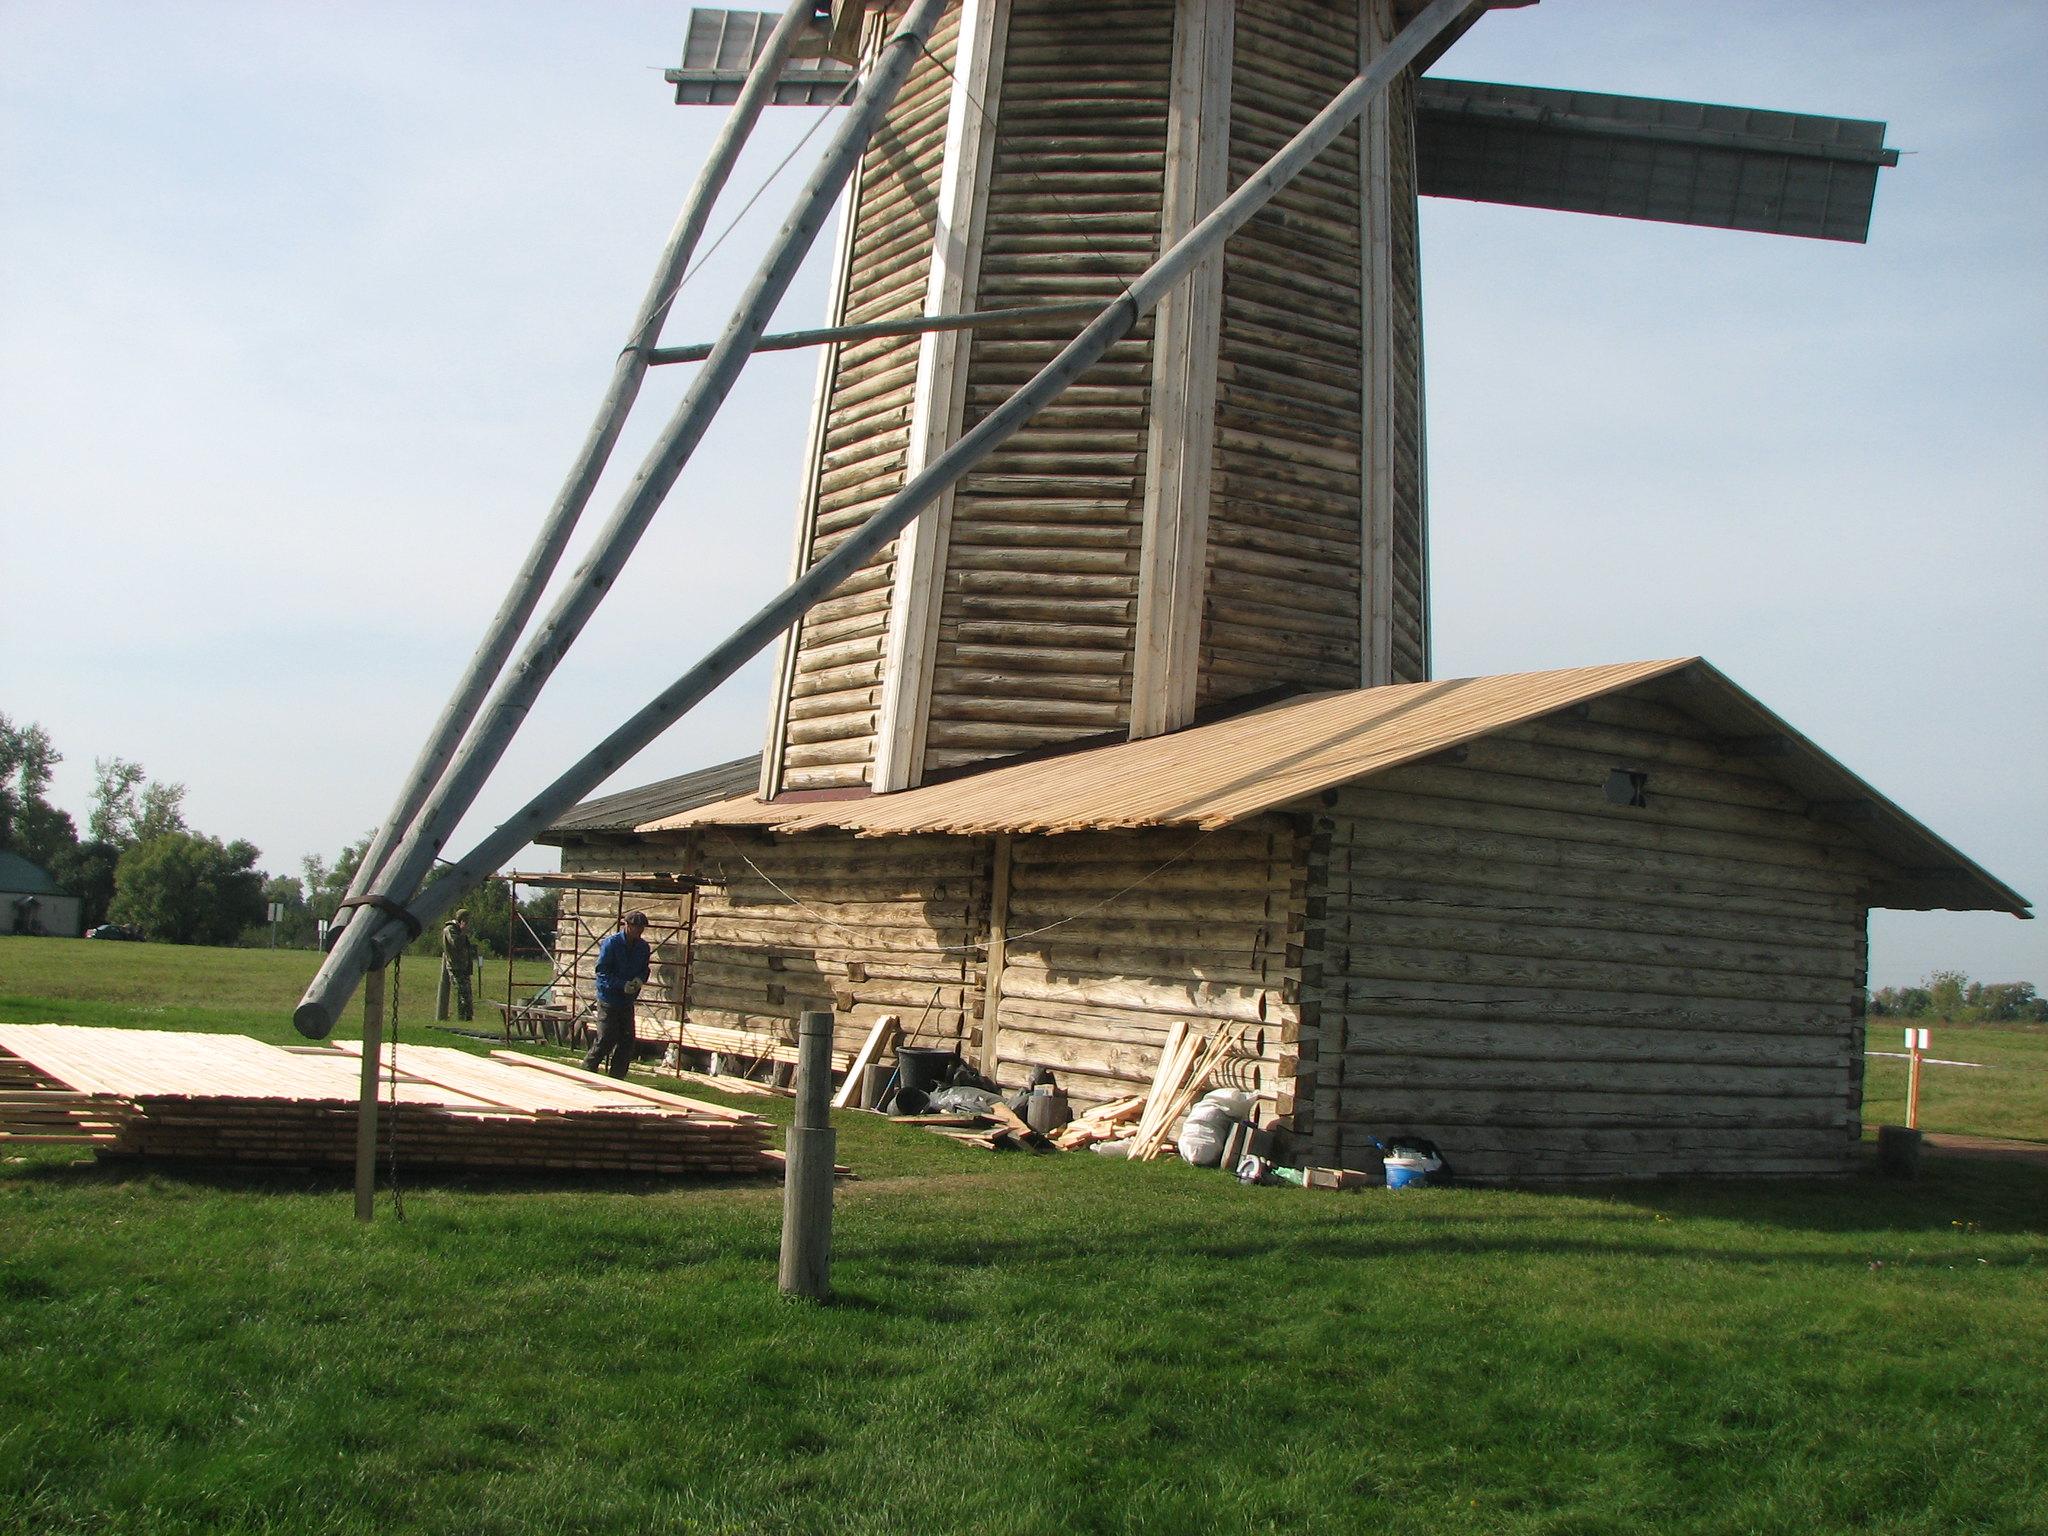 Производственная фирма «Реставрация» выполнила реставрационные работы ветряной мельницы